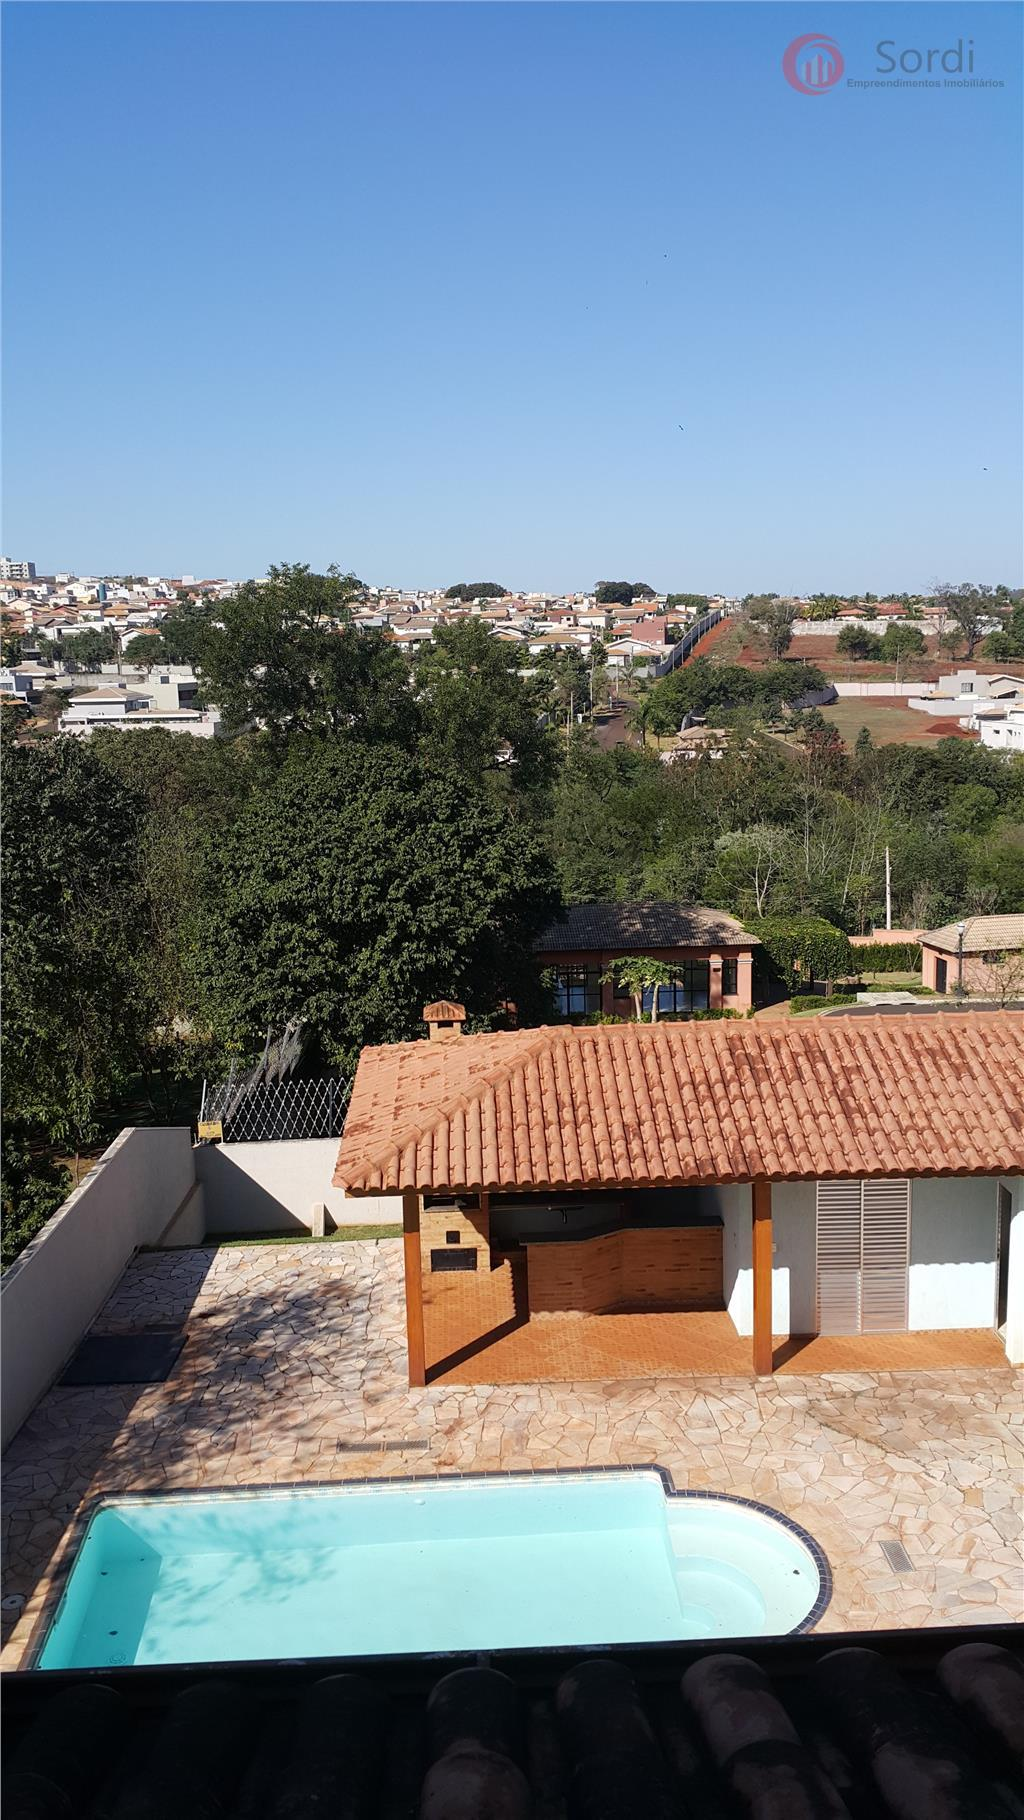 Sobrado à venda, 440 m² por R$ 1.400.000,00 - Bonfim Paulista - Ribeirão Preto/SP